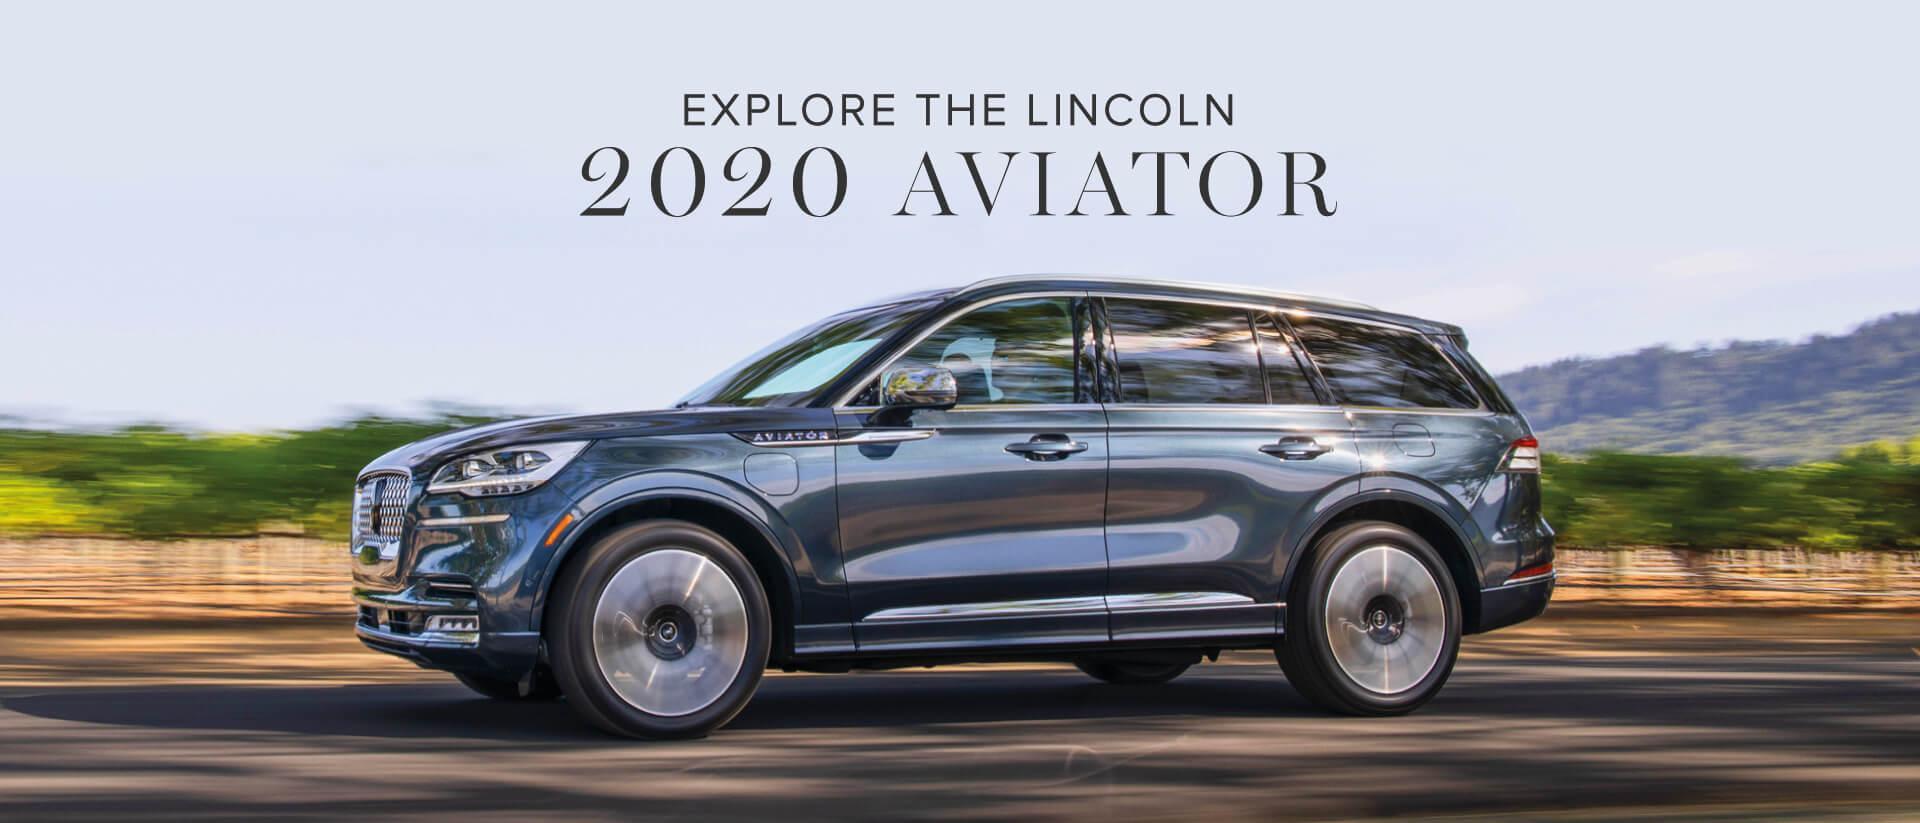 2020 Aviator